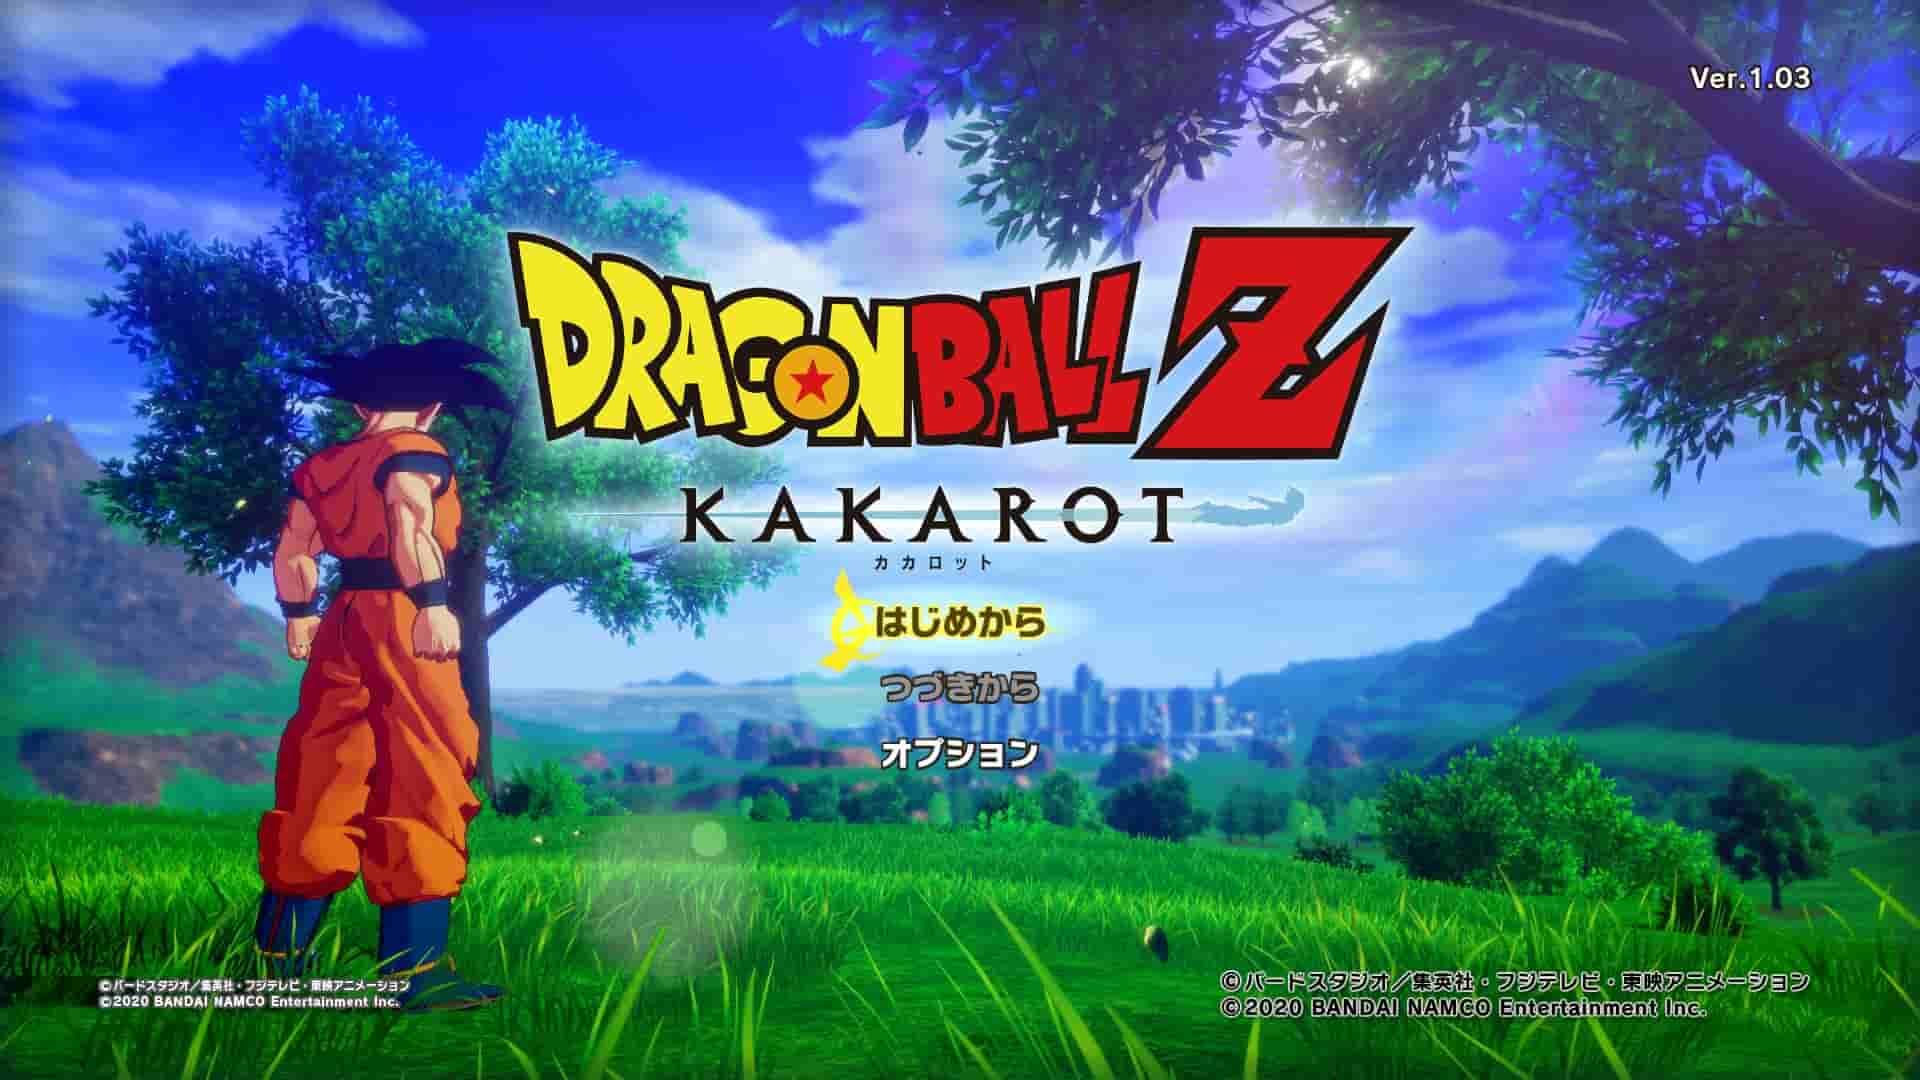 ドラゴンボールZ-KAKAROTのタイトル画面